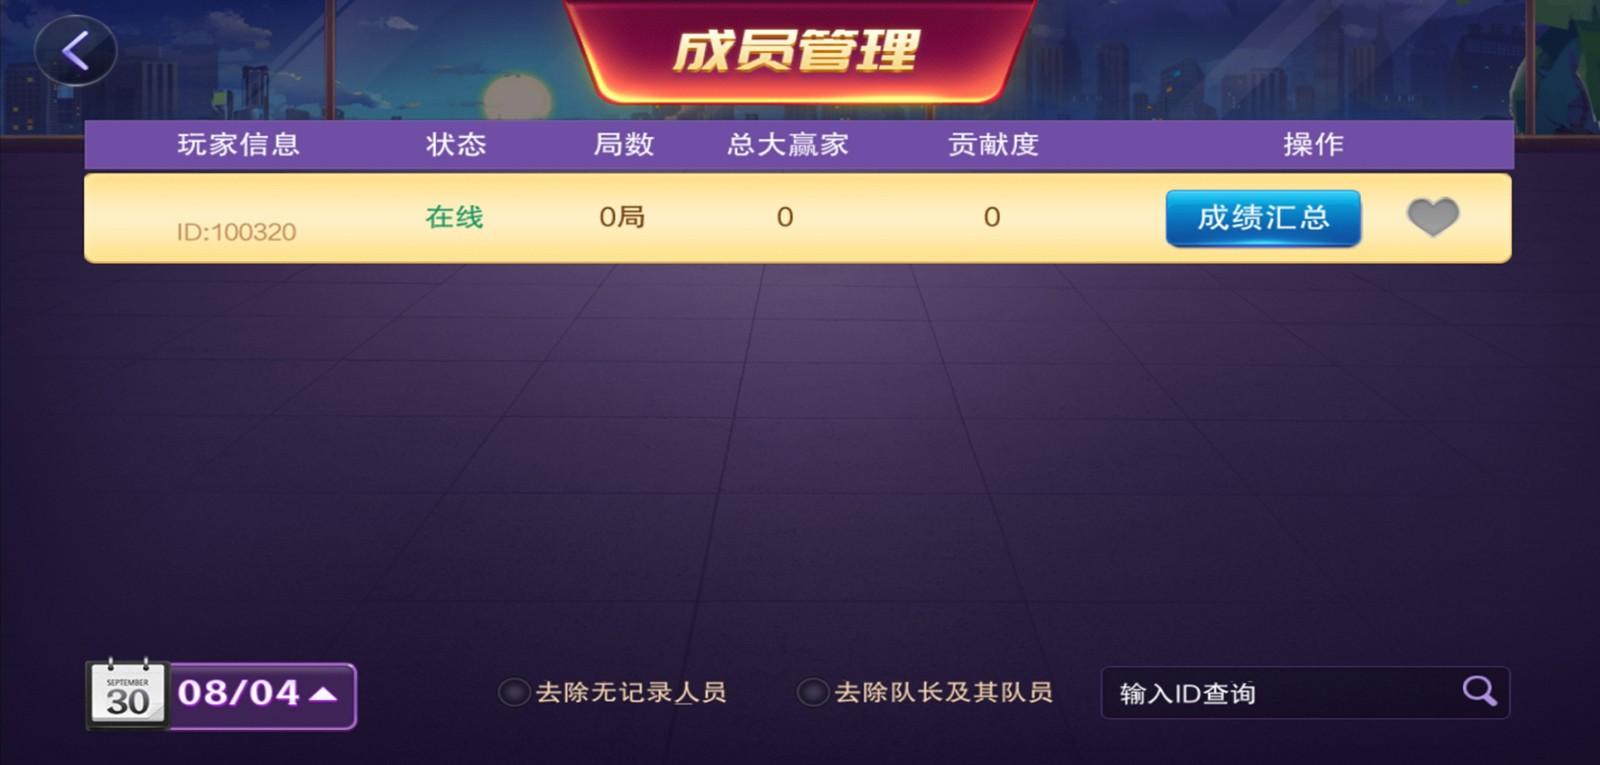 潮汕三公潮汇棋牌游戏源码房卡模式地方玩法+联盟俱乐部模式插图(6)